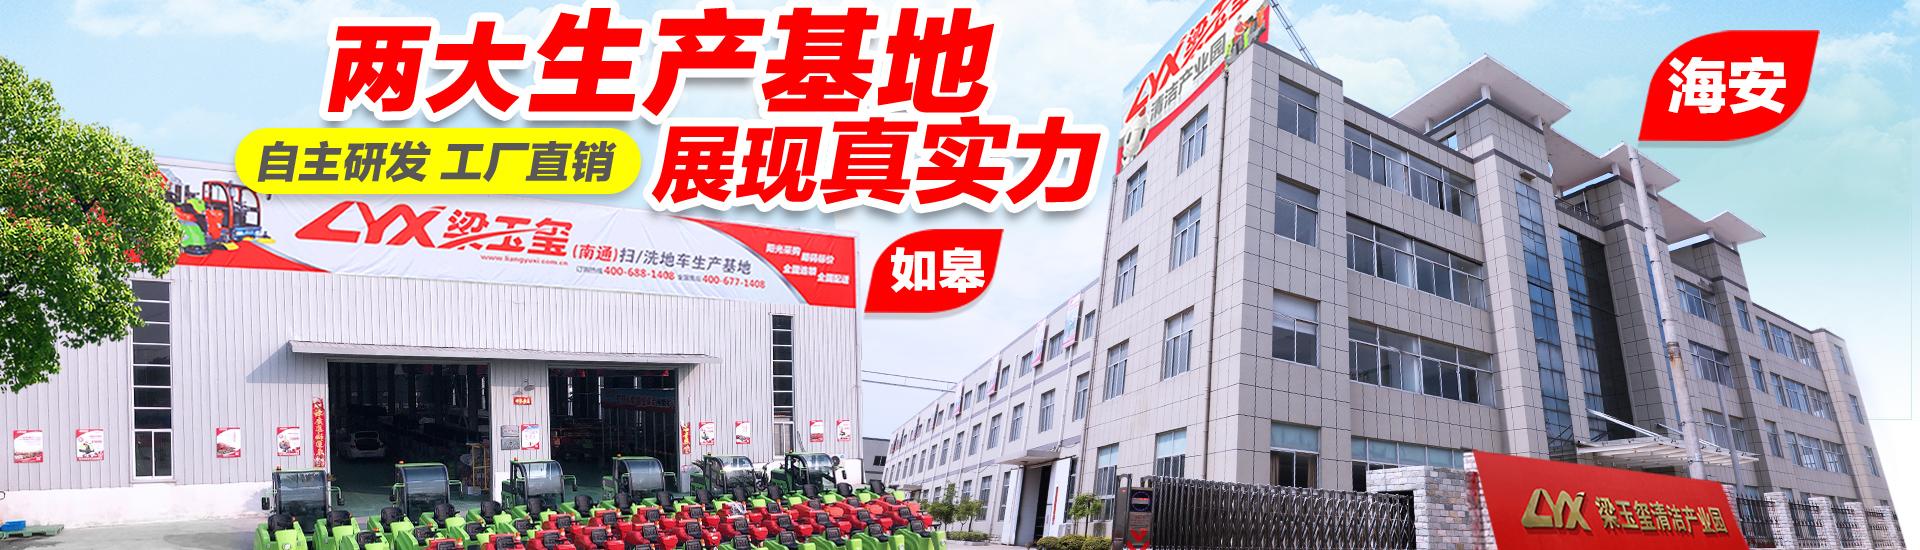 梁玉玺集团清洁产品连锁超市